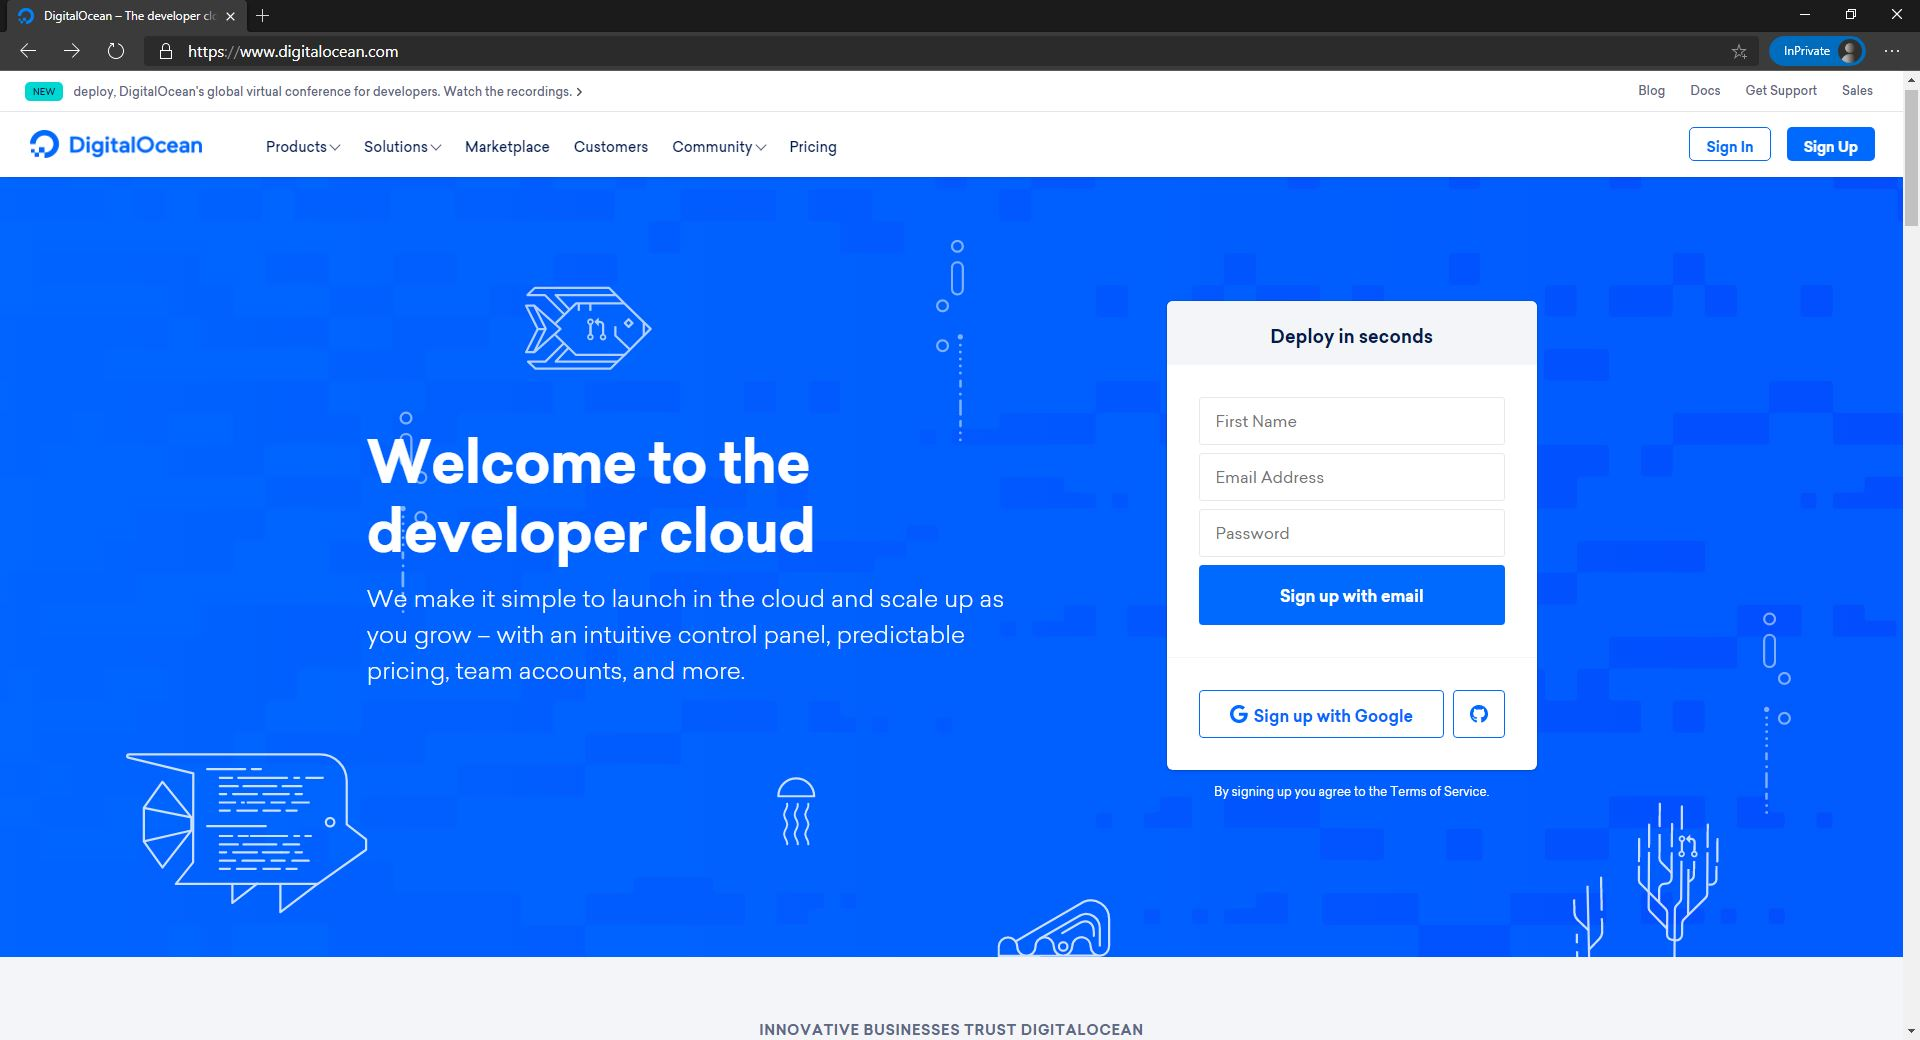 DigitalOcean homepage website